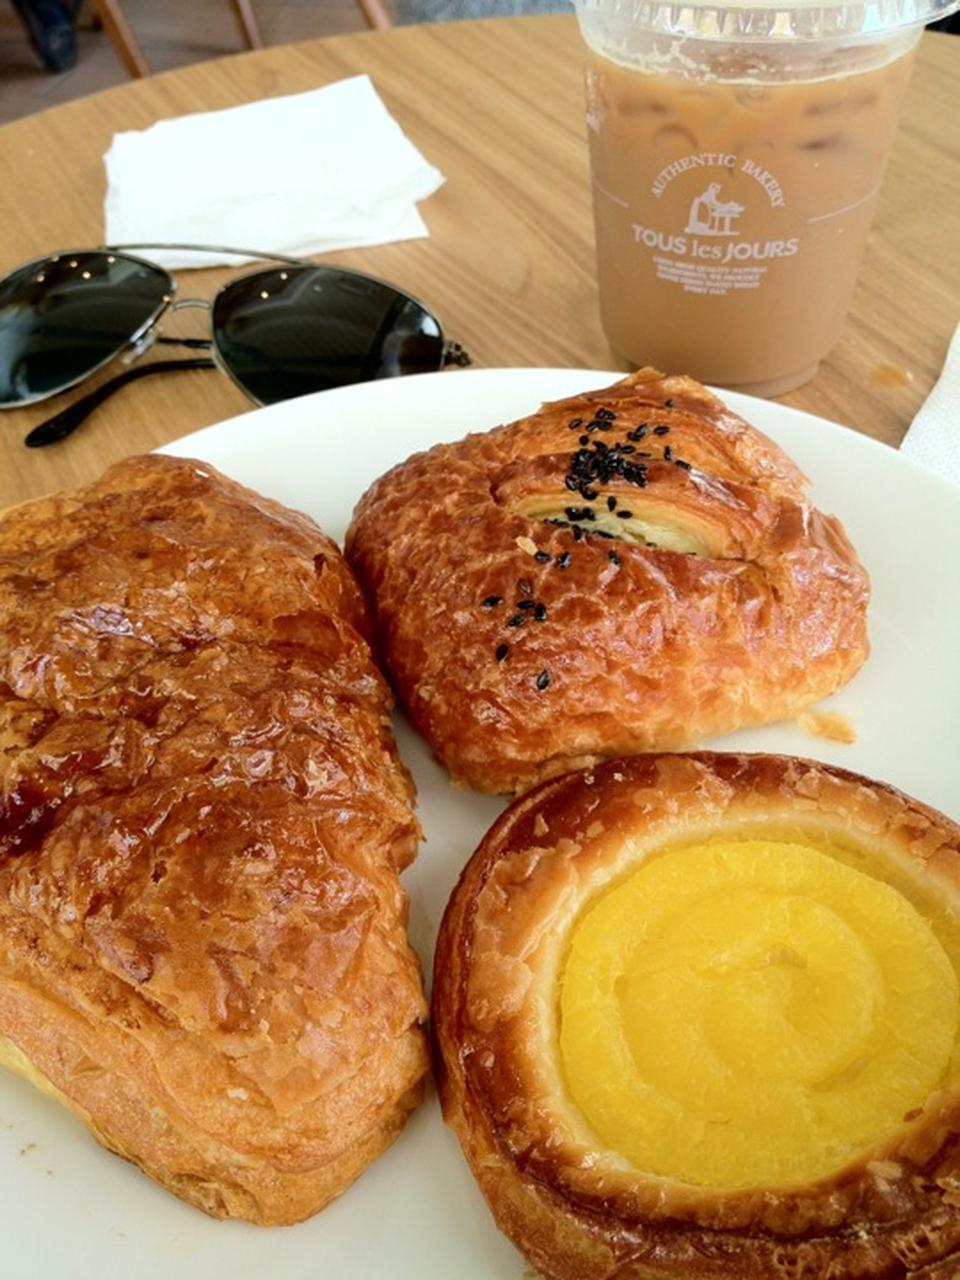 ベトナム・ホーチミン発!朝食におすすめのベーカリー♪パンの香りに浸って、優雅な一日のスタートを!